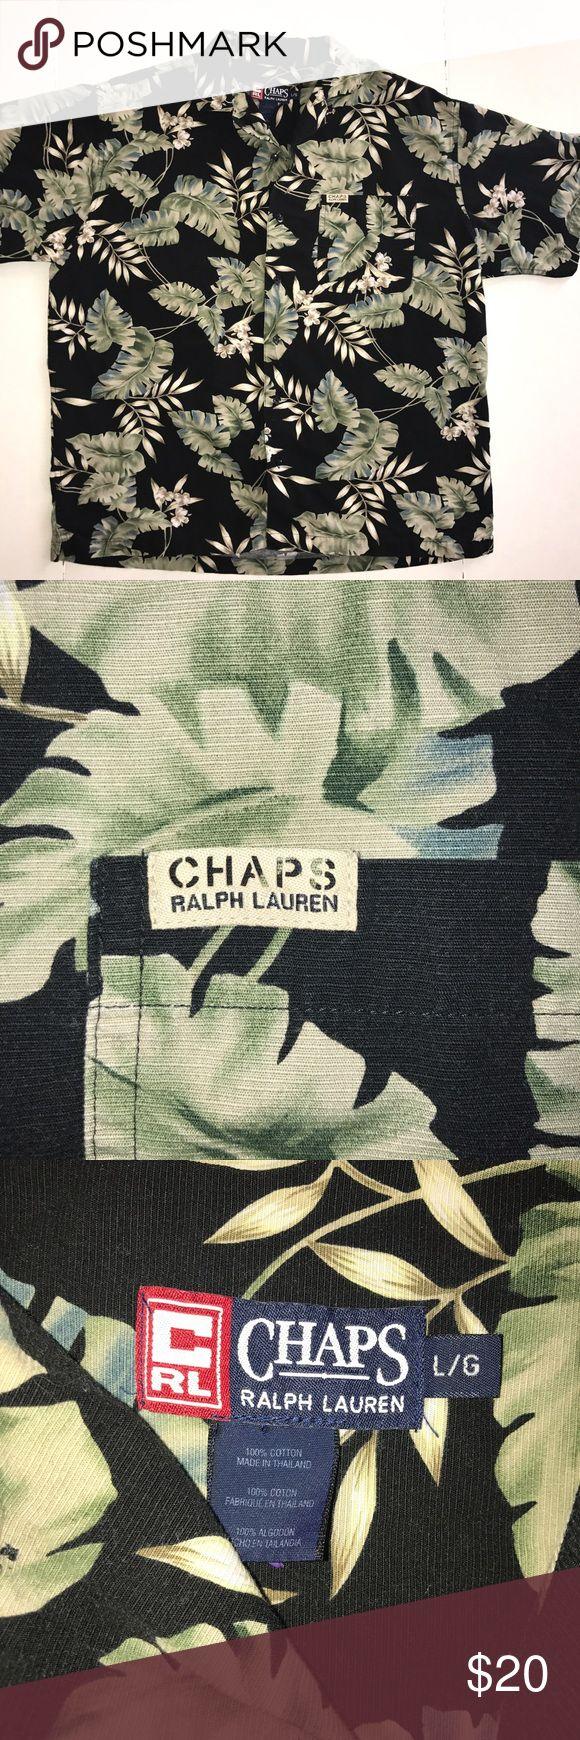 Chaps Ralph Lauren Hawaiian shirt Excellent condition, make an offer Polo by Ralph Lauren Shirts Polos